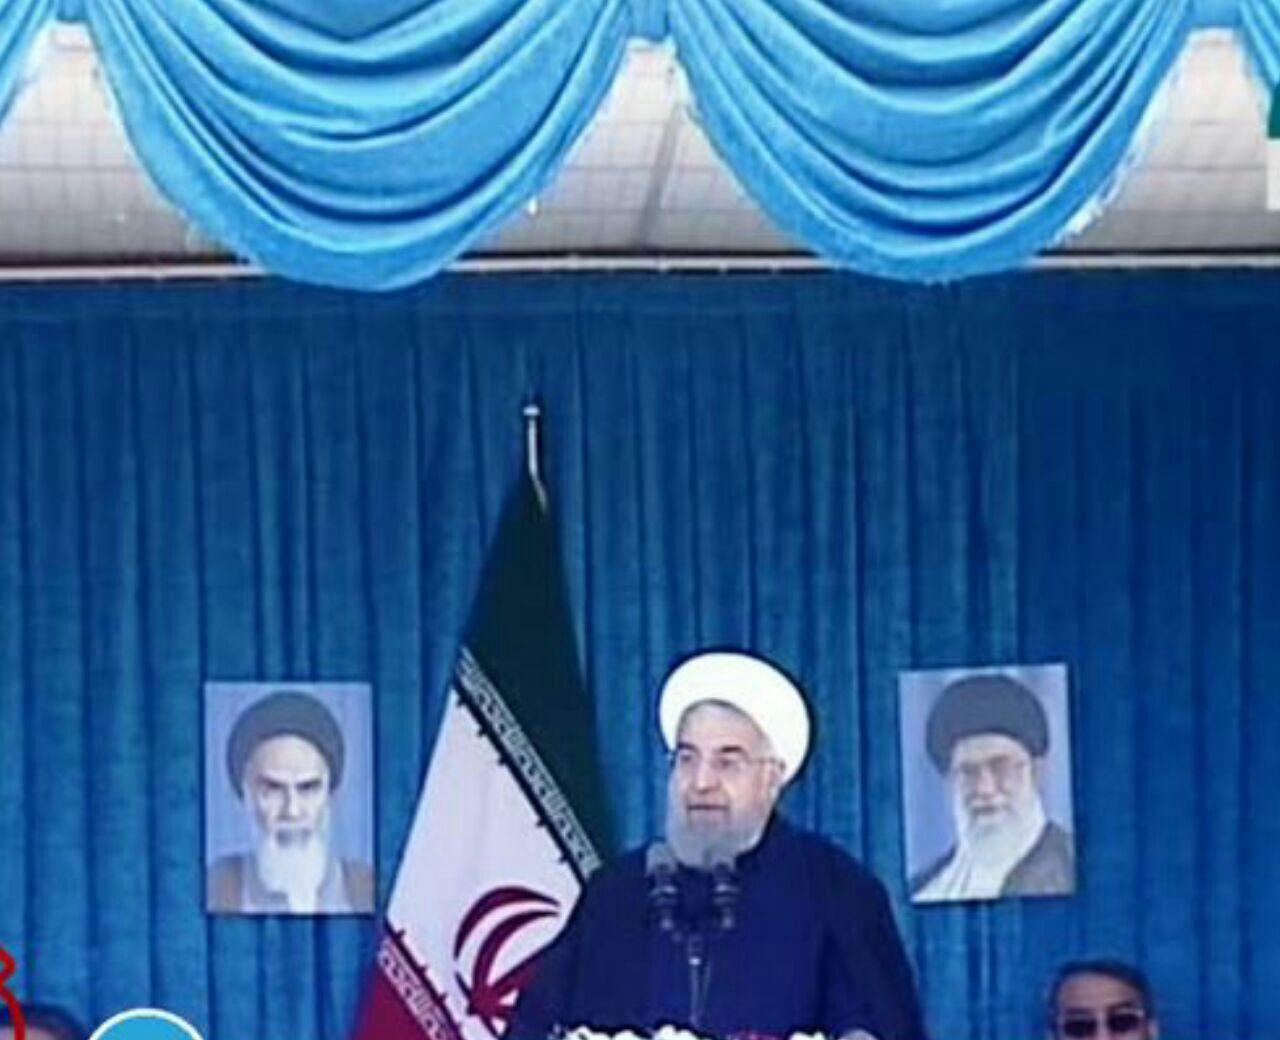 اتصال راه آهن سیرجان - کرمان زمینه ساز توسعه زیرساخت های حمل و نقل است .